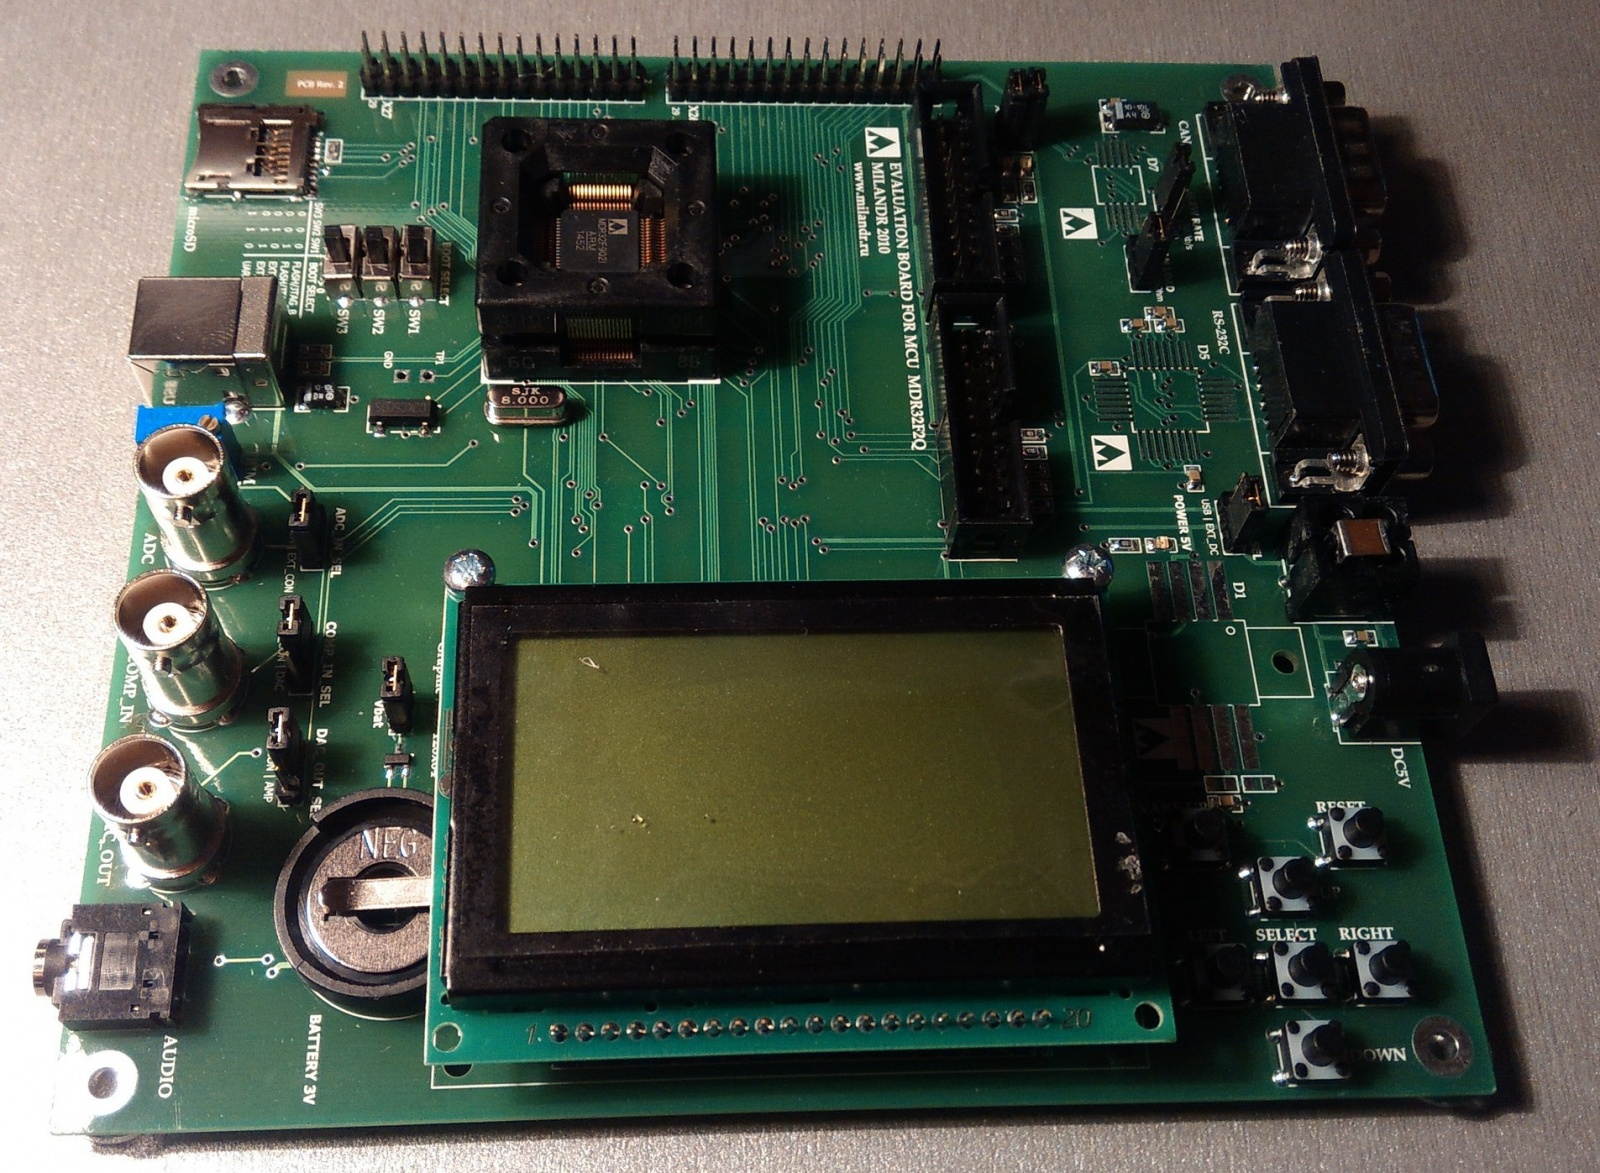 Переходим с STM32F103 на К1986ВЕ92QI. Или первое знакомство с российским микроконтроллером - 10